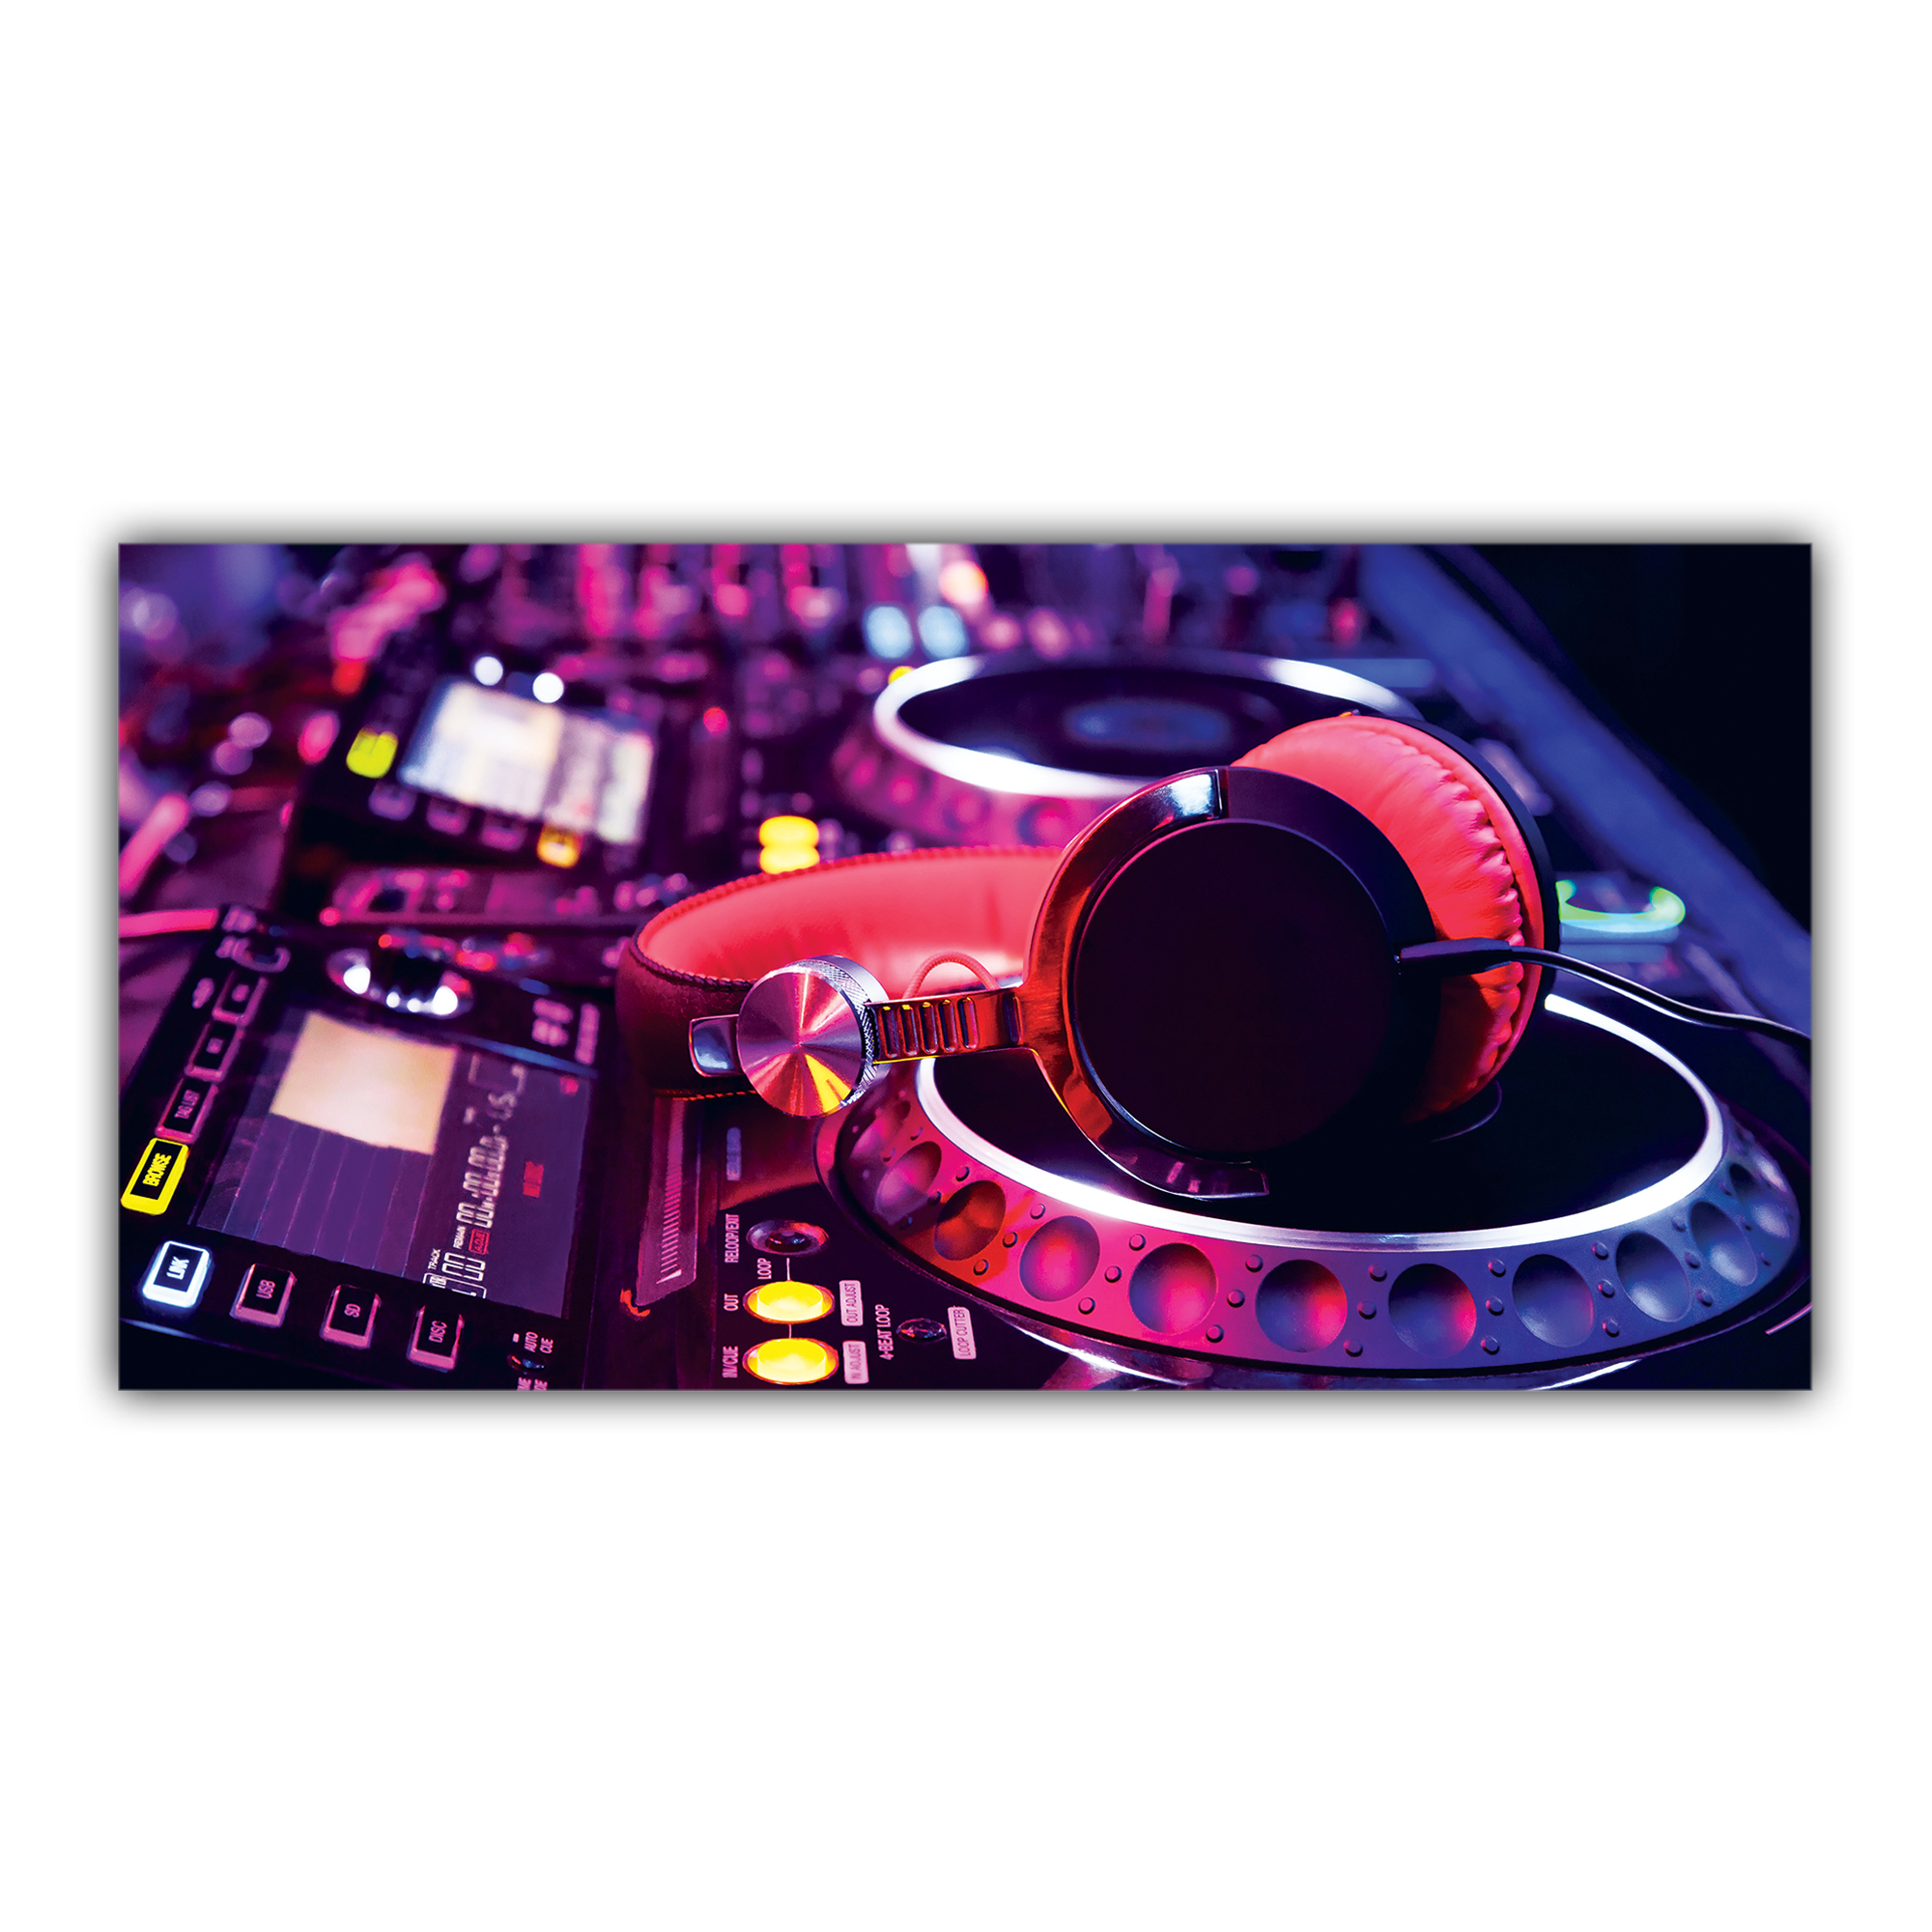 Grâce à nos imprimantes numériques dernière génération et notre savoir-faire aussi bien technique qu'artistique, nous garantissons une qualité irréprochable pour chacun de nos produits.